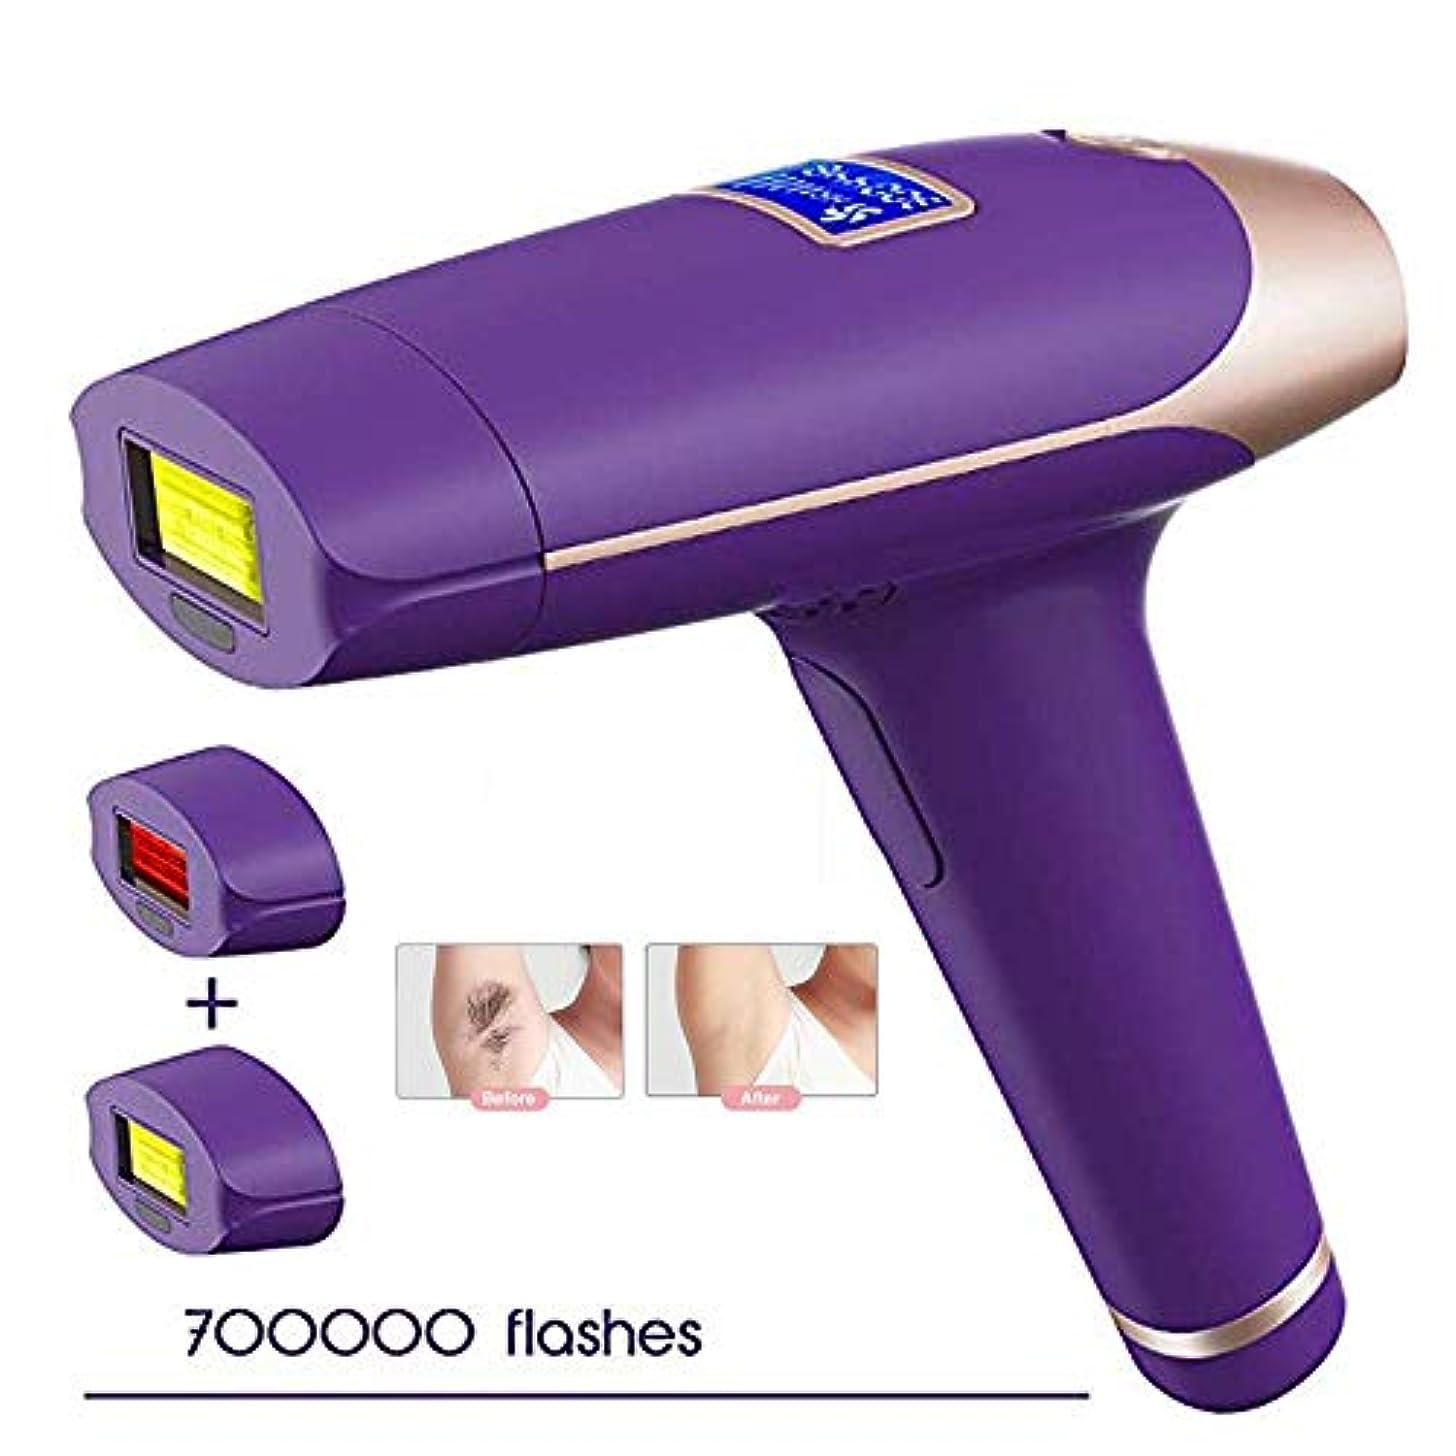 放散するホース盆地Trliy- 紫色のIPL脱毛システム、女性と男性の痛みのない恒久的なIPL脱毛器、700000フラッシュプロフェッショナルライト脱毛器